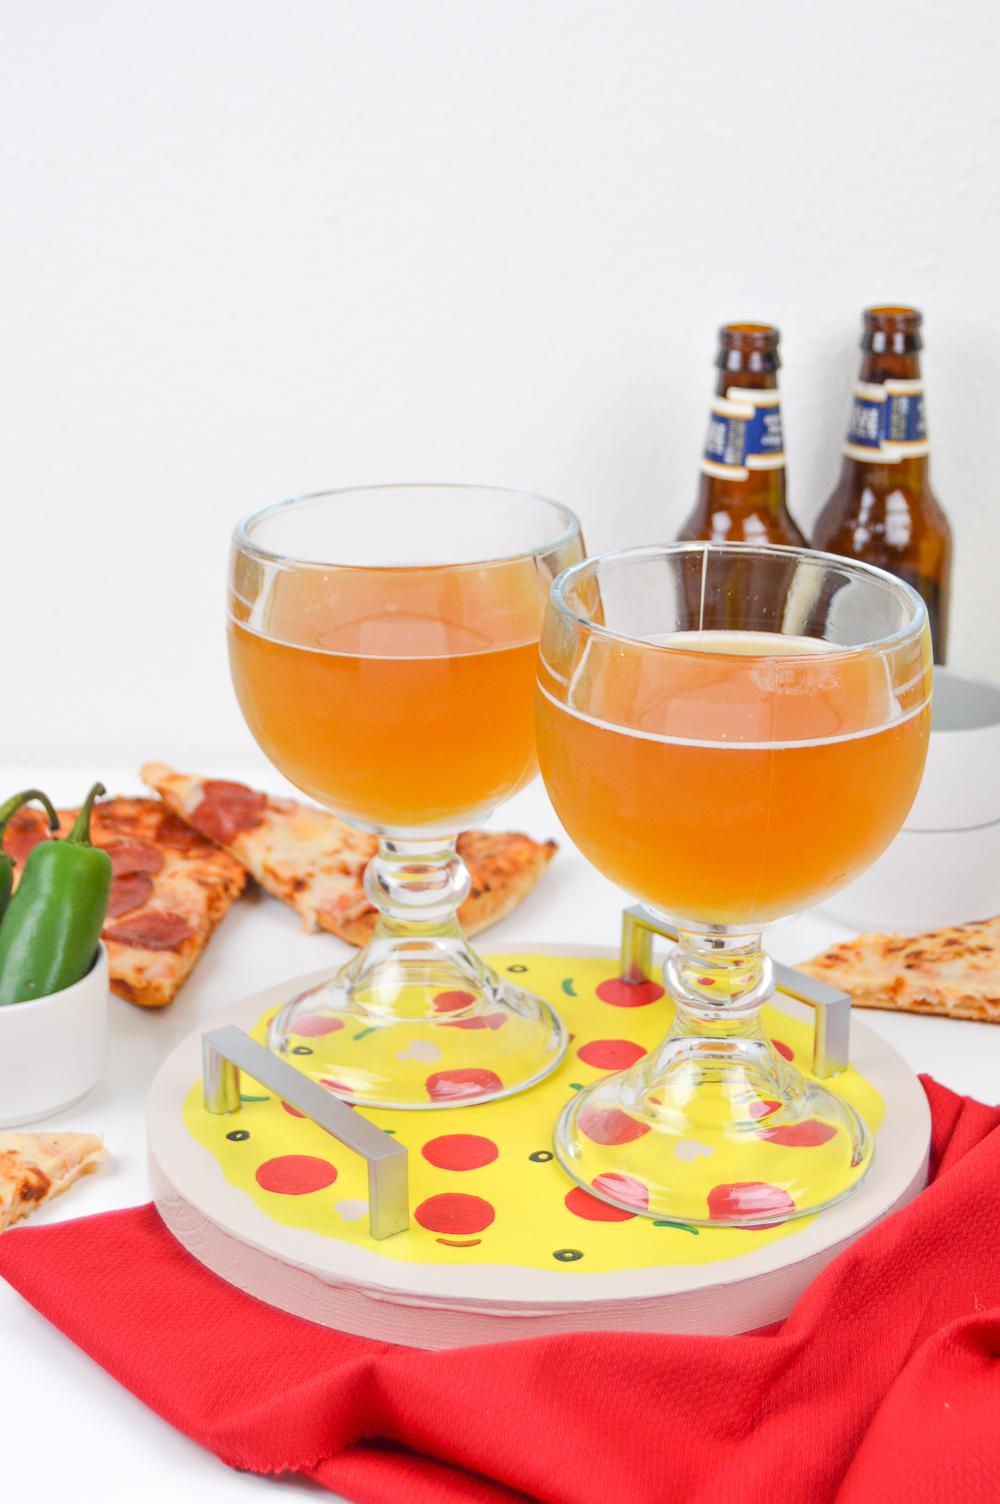 DIY Pizza Tray | Club Crafted